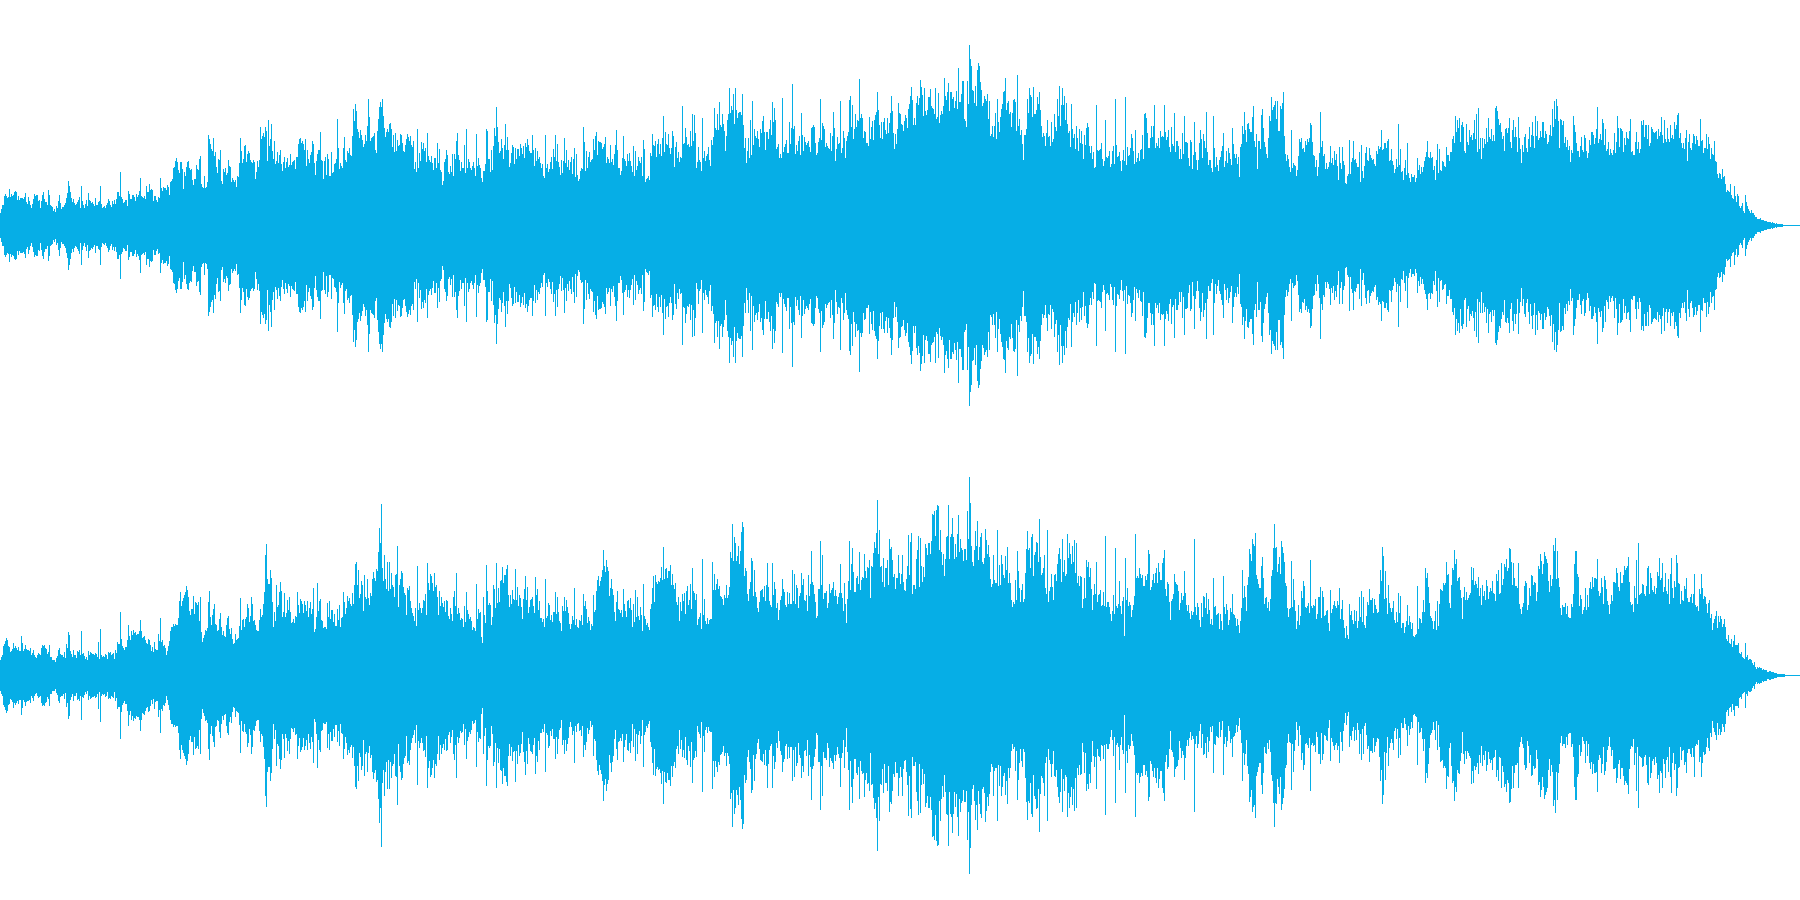 幻想的なニューエイジ音楽の再生済みの波形